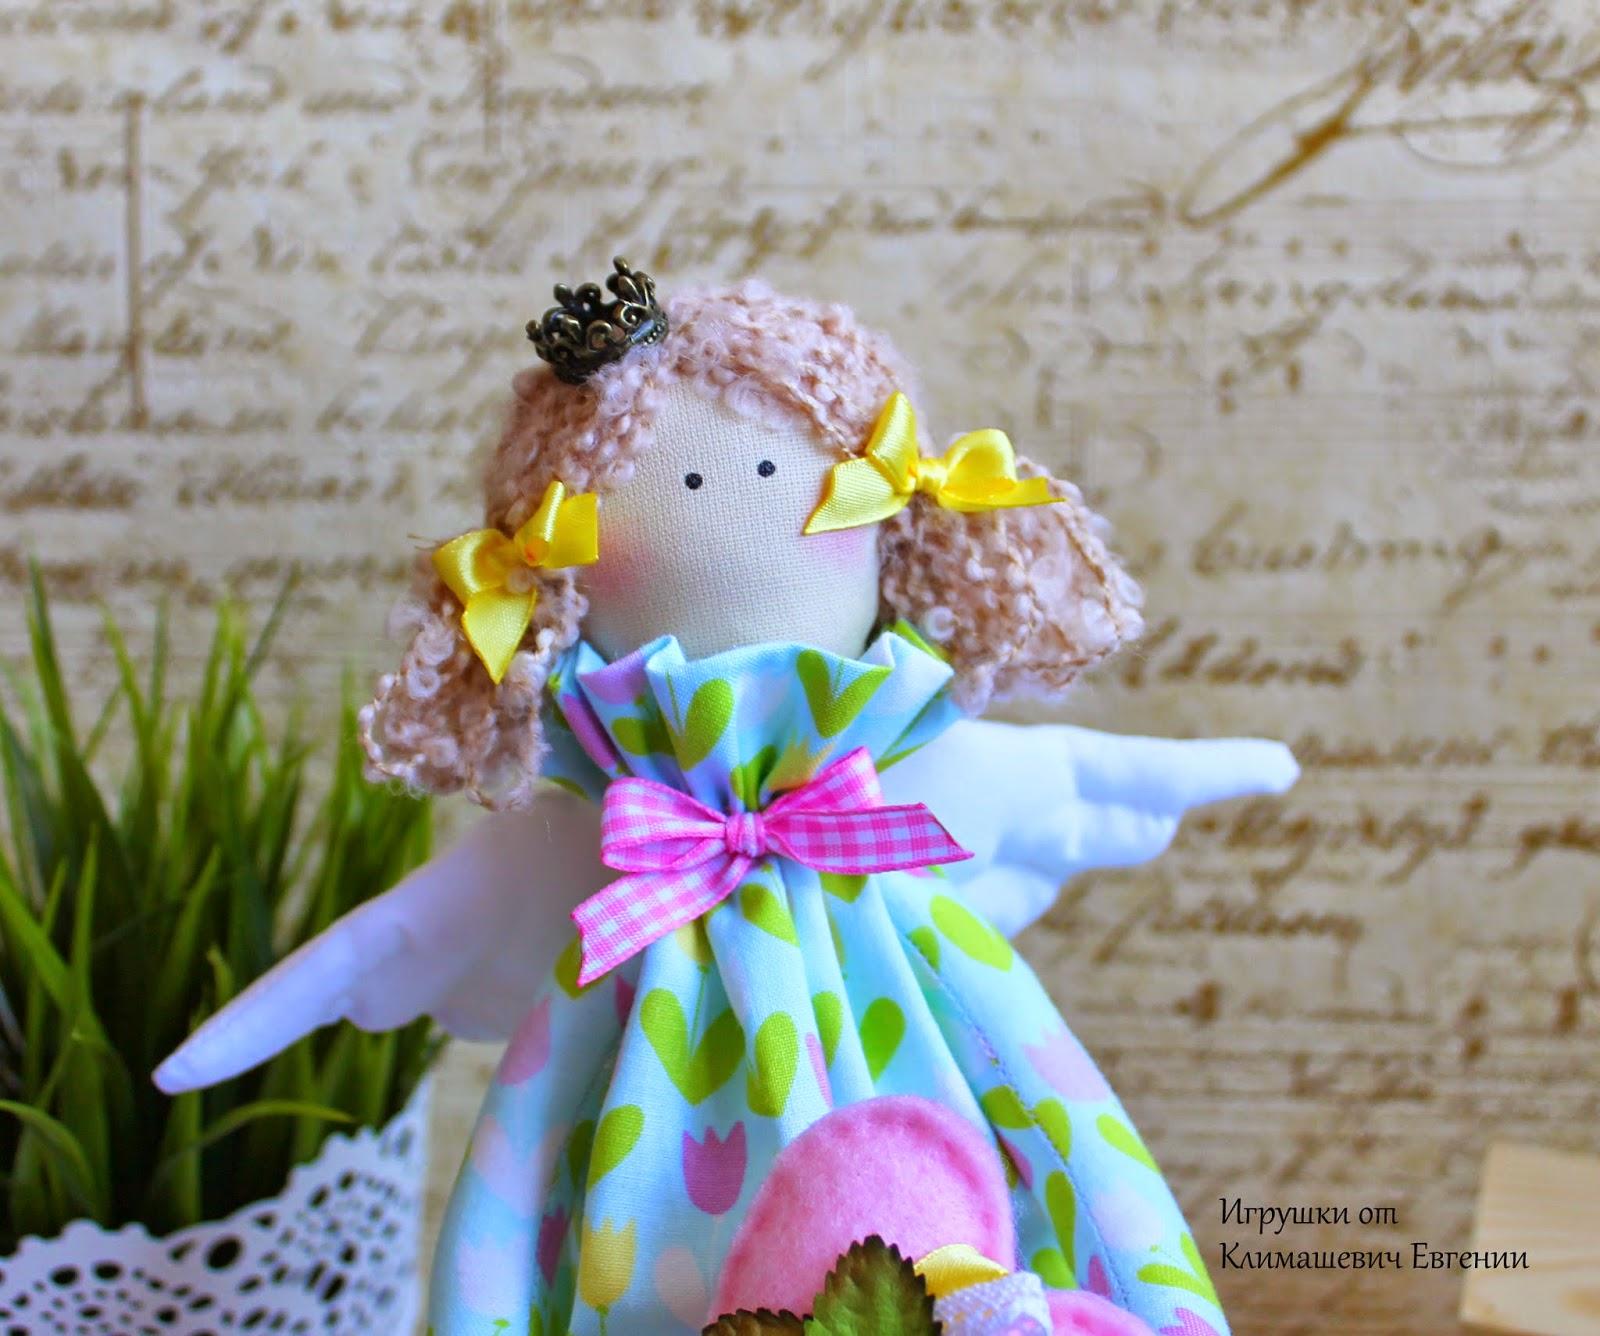 Принцесса, тильда принцесса, принцесса на горошине, кукла тильда, тильда, тильда ангел, подарок для девочки, куколка с сердечком, весна, нежность, купить игрушку, интерьерная игрушка, текстильная игрушка